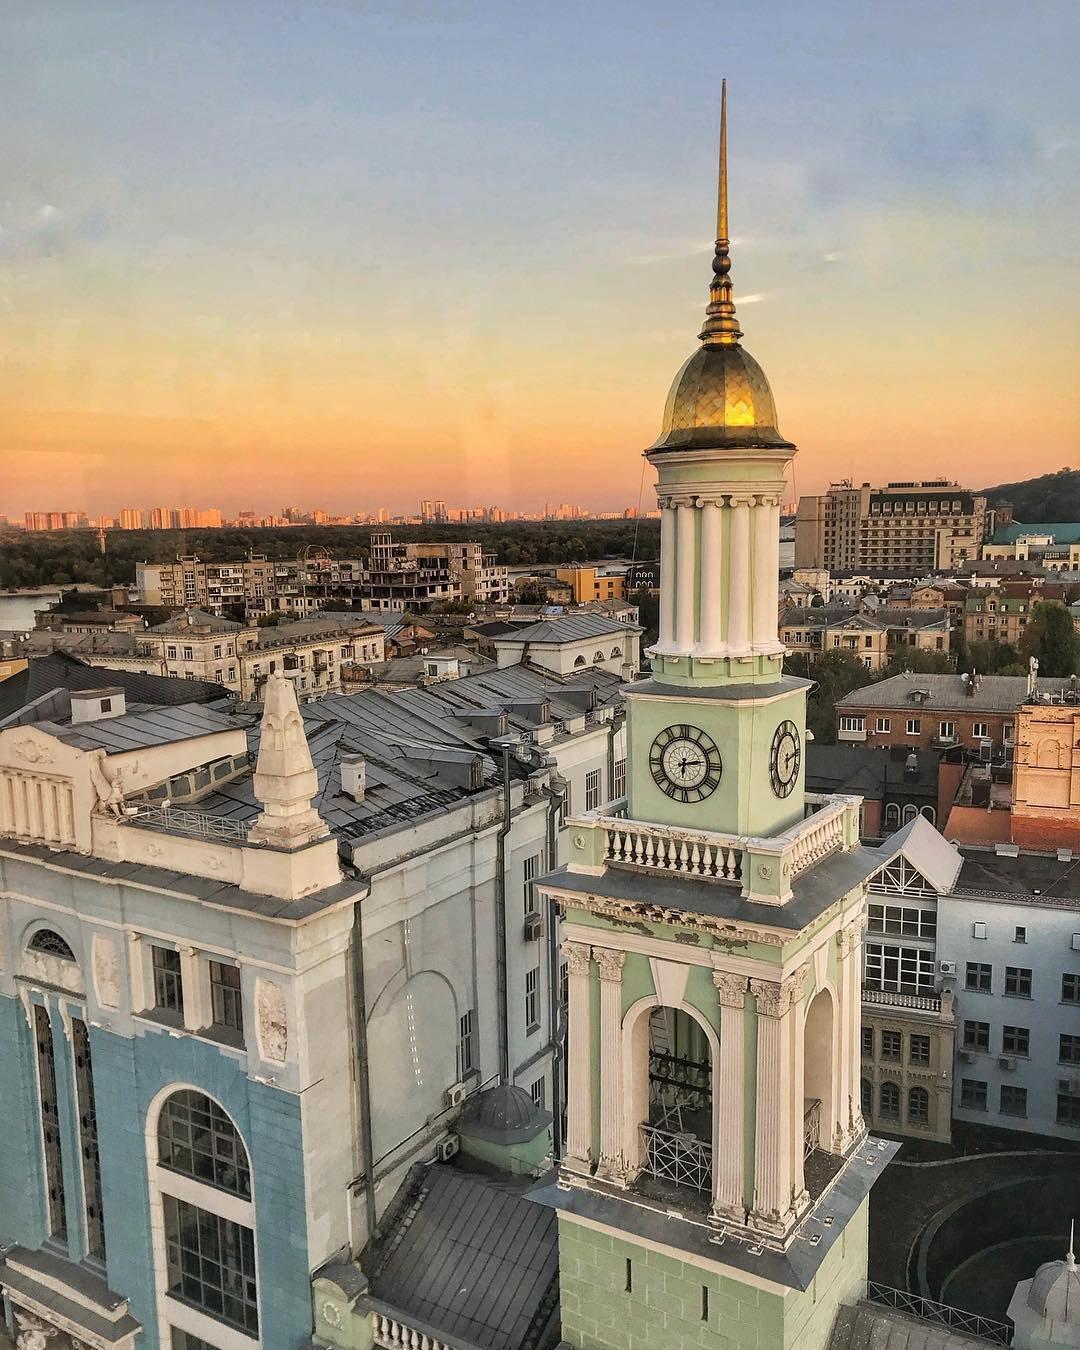 Ucrania mapa - Plaza de los contratos en Kyiv